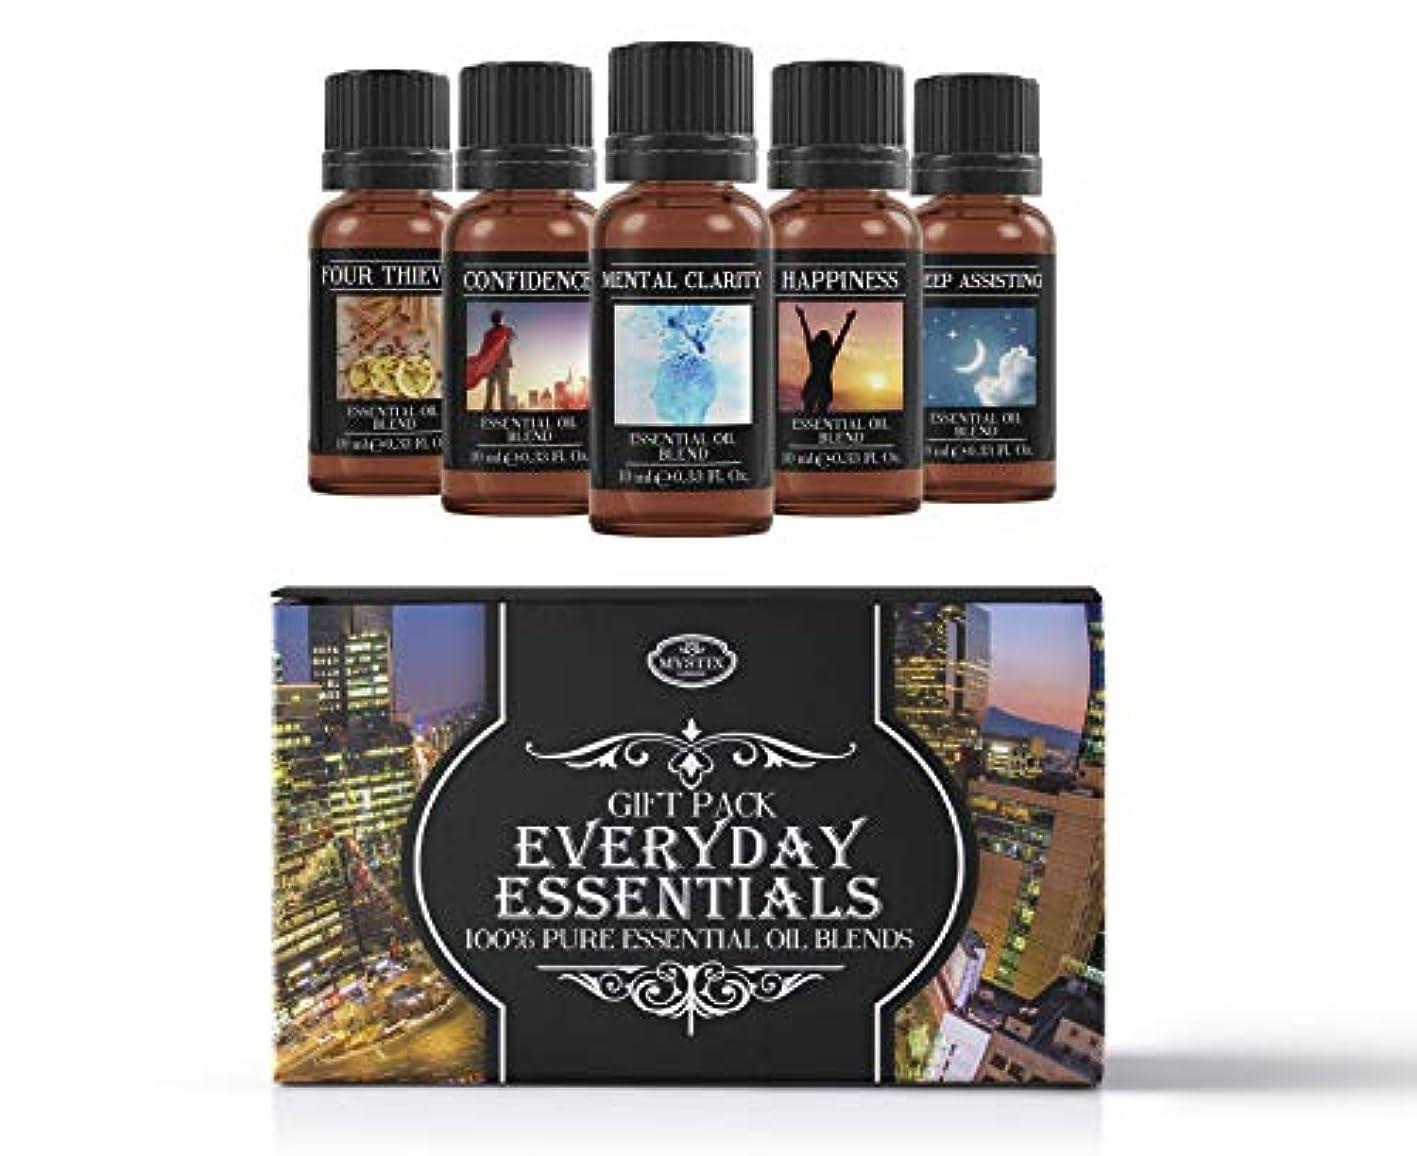 同級生バングラデシュ人事Everyday Essentials | Essential Oil Blend Gift Pack | Confidence, Four Thieves, Happiness, Mental Clarity, Sleep...